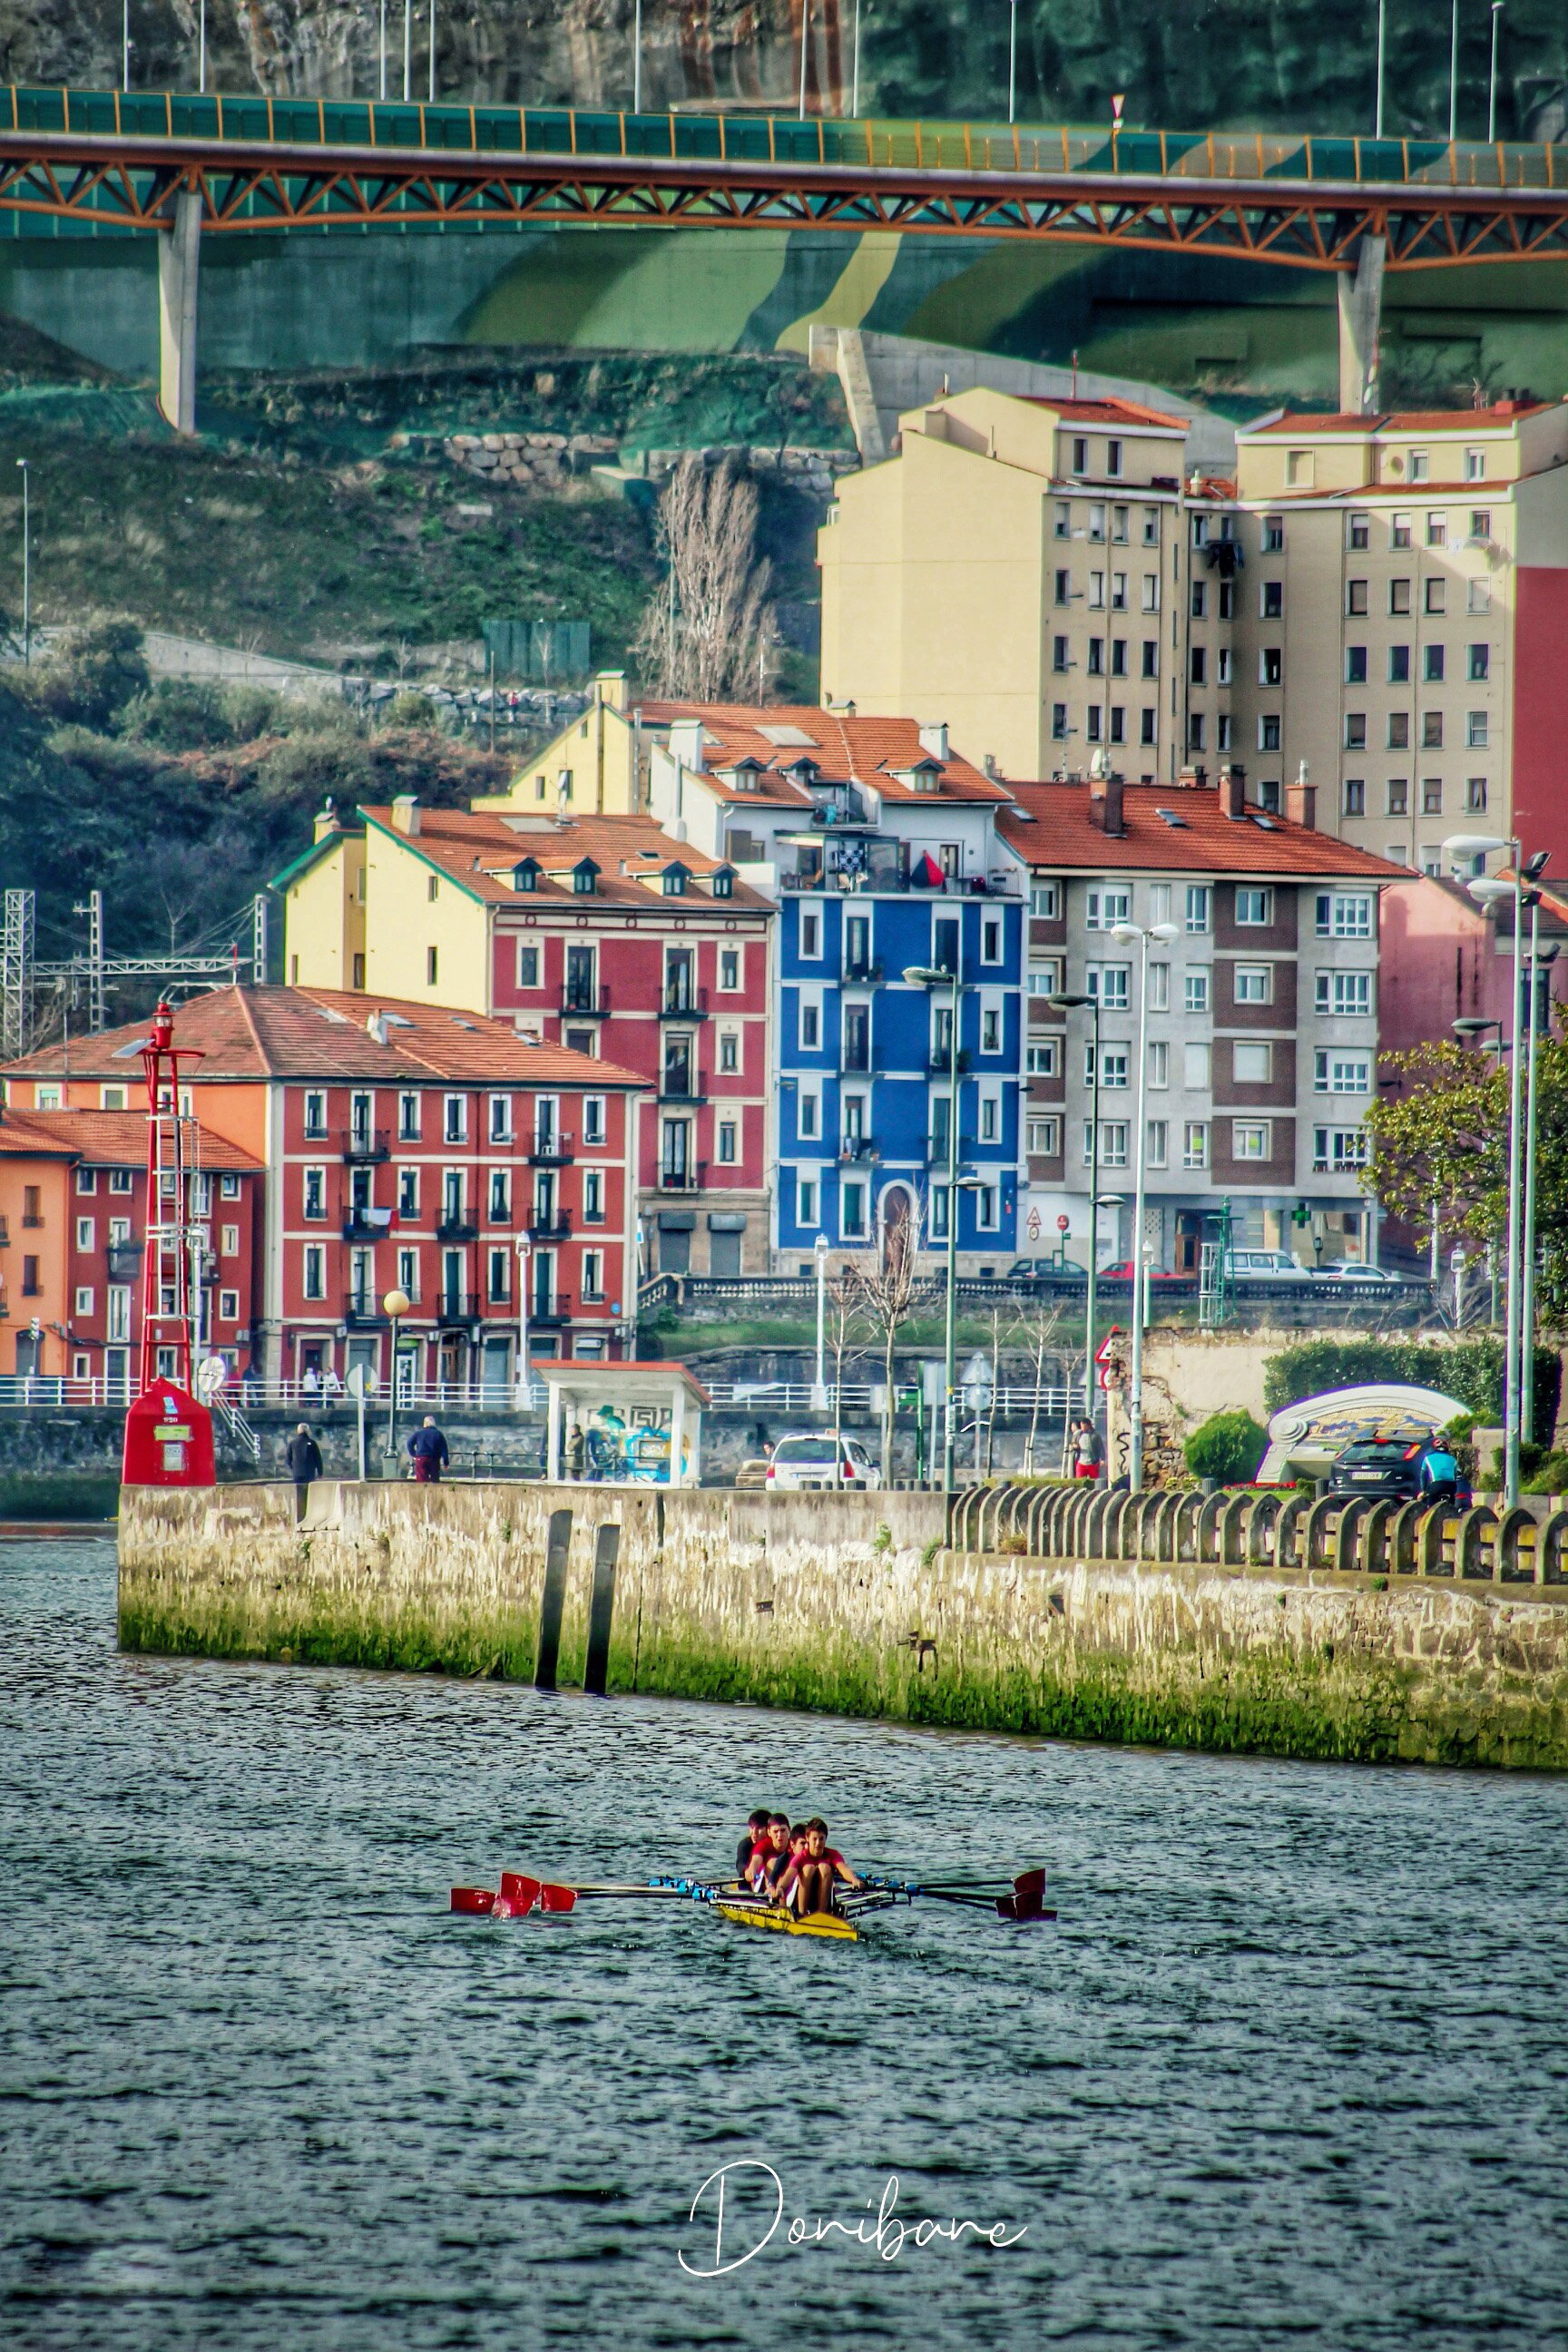 Remeros en Bilbao por Donibane